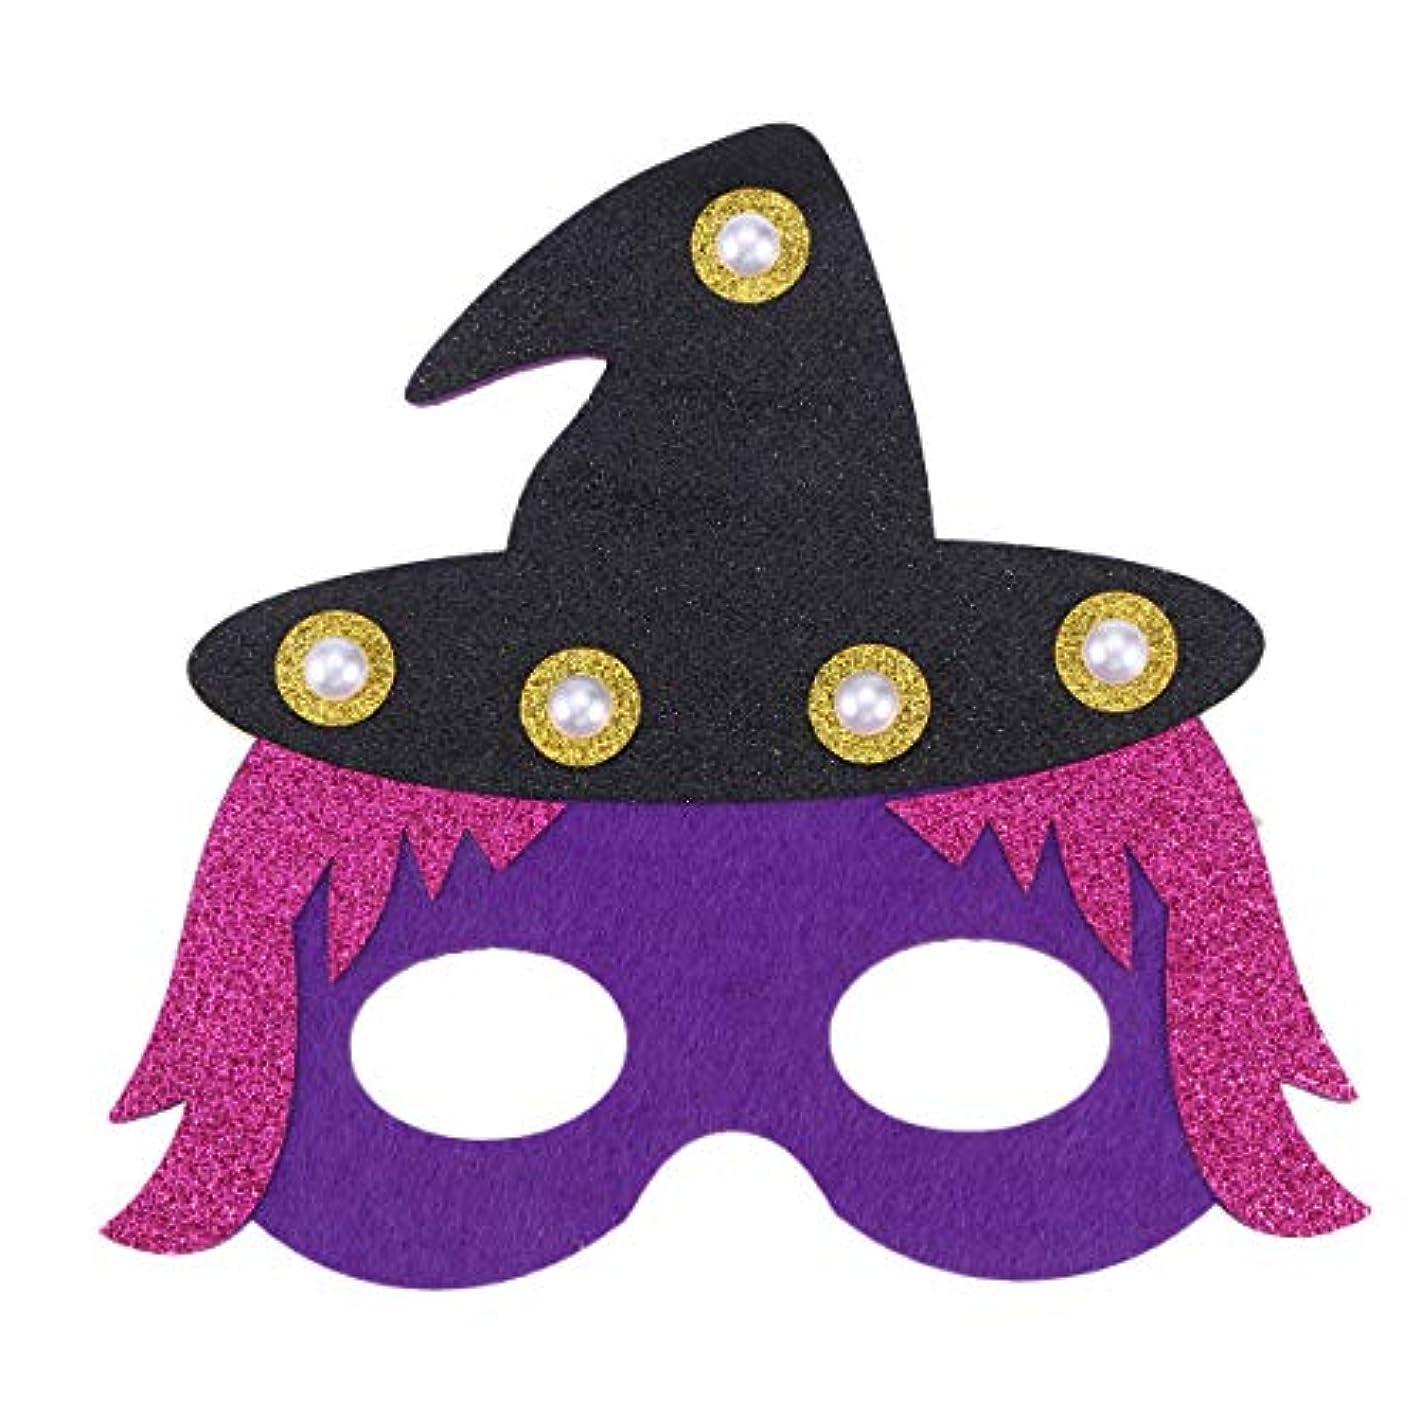 金銭的なモバイル休憩Lurrose ハロウィンマスクドレスアップフェルトアイマスクled不織布アイマスク子供用大人マスカレードパーティーコスプレ写真小道具